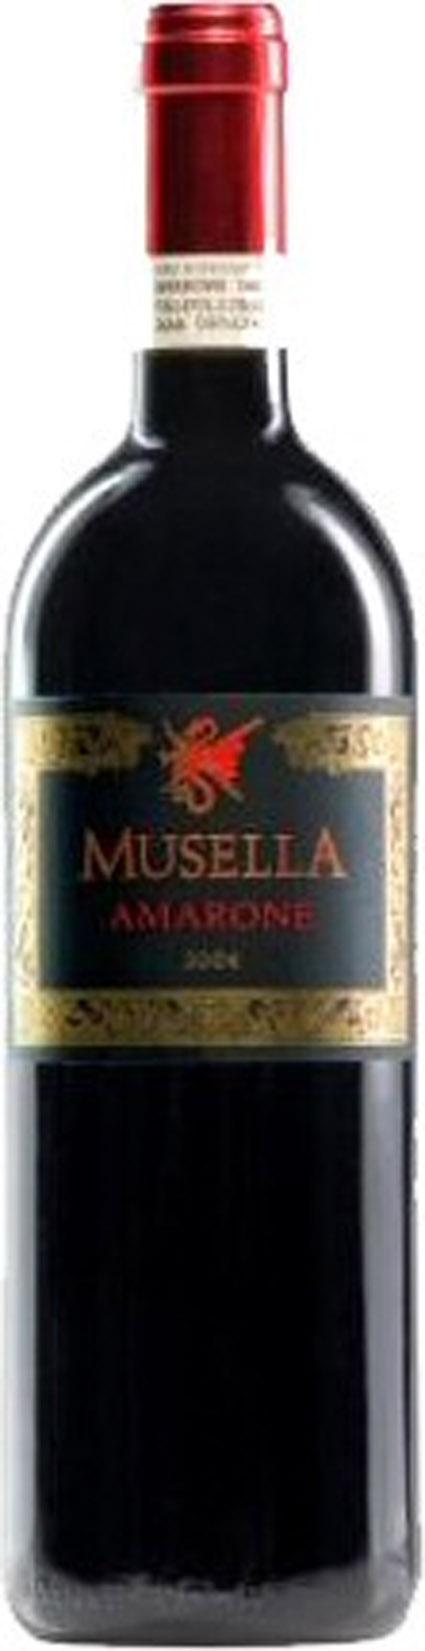 Amarone della Valpolicella ( Musella ) 2006